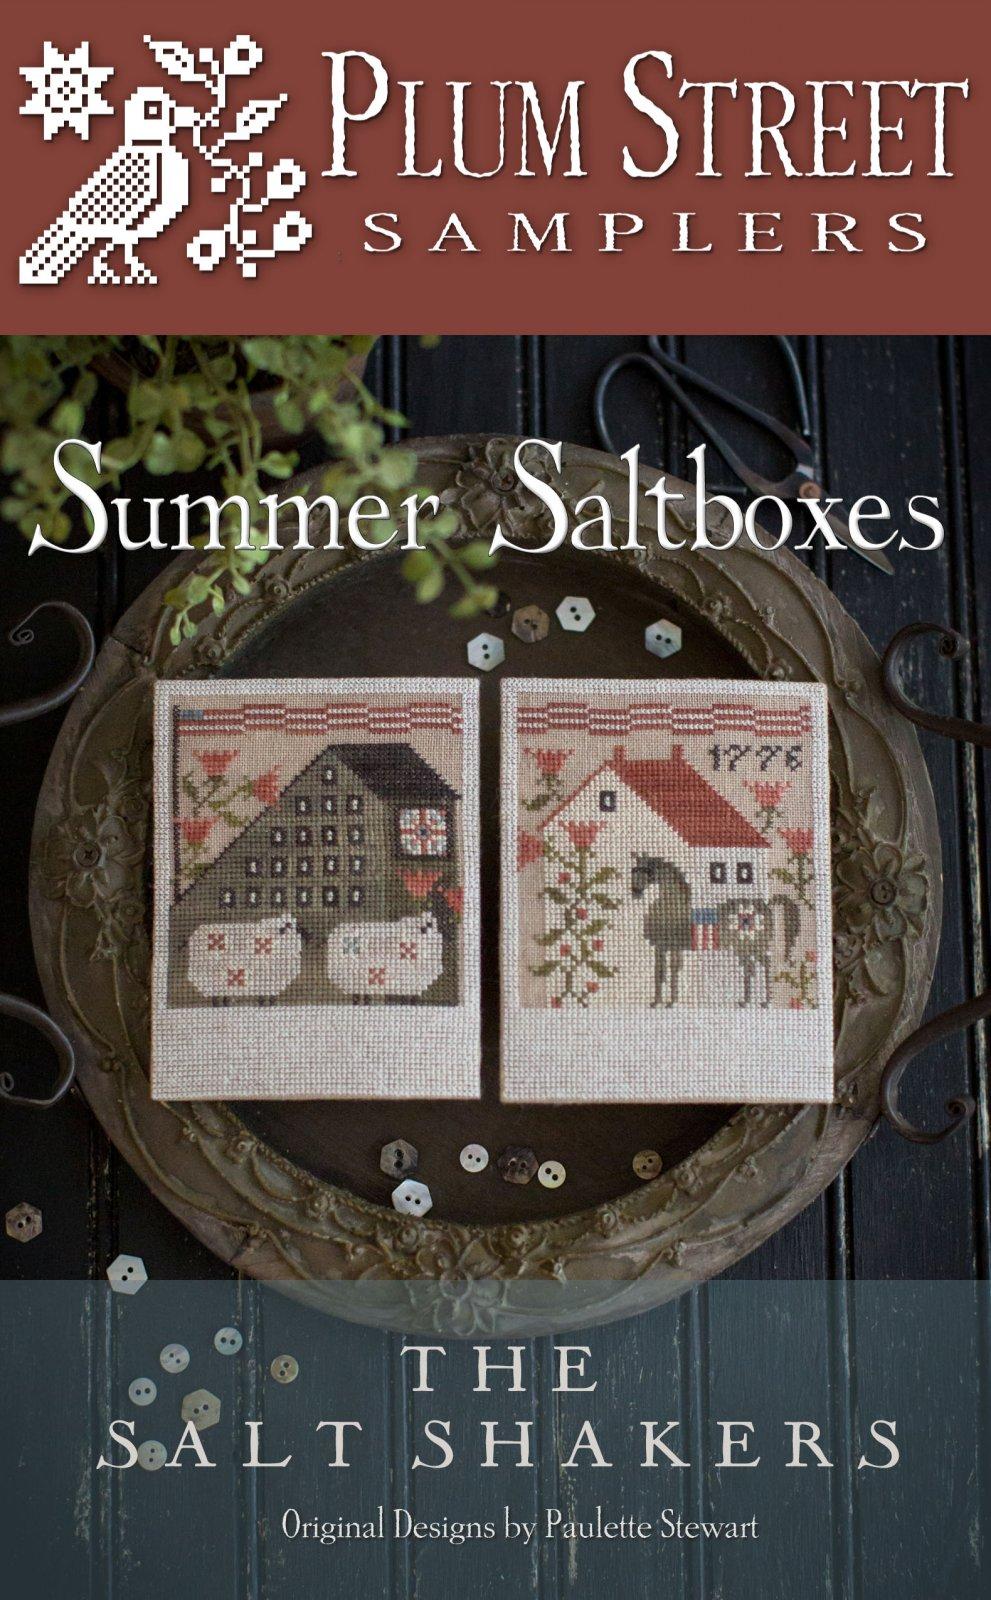 Plum Street Samplers - Summer Saltboxes